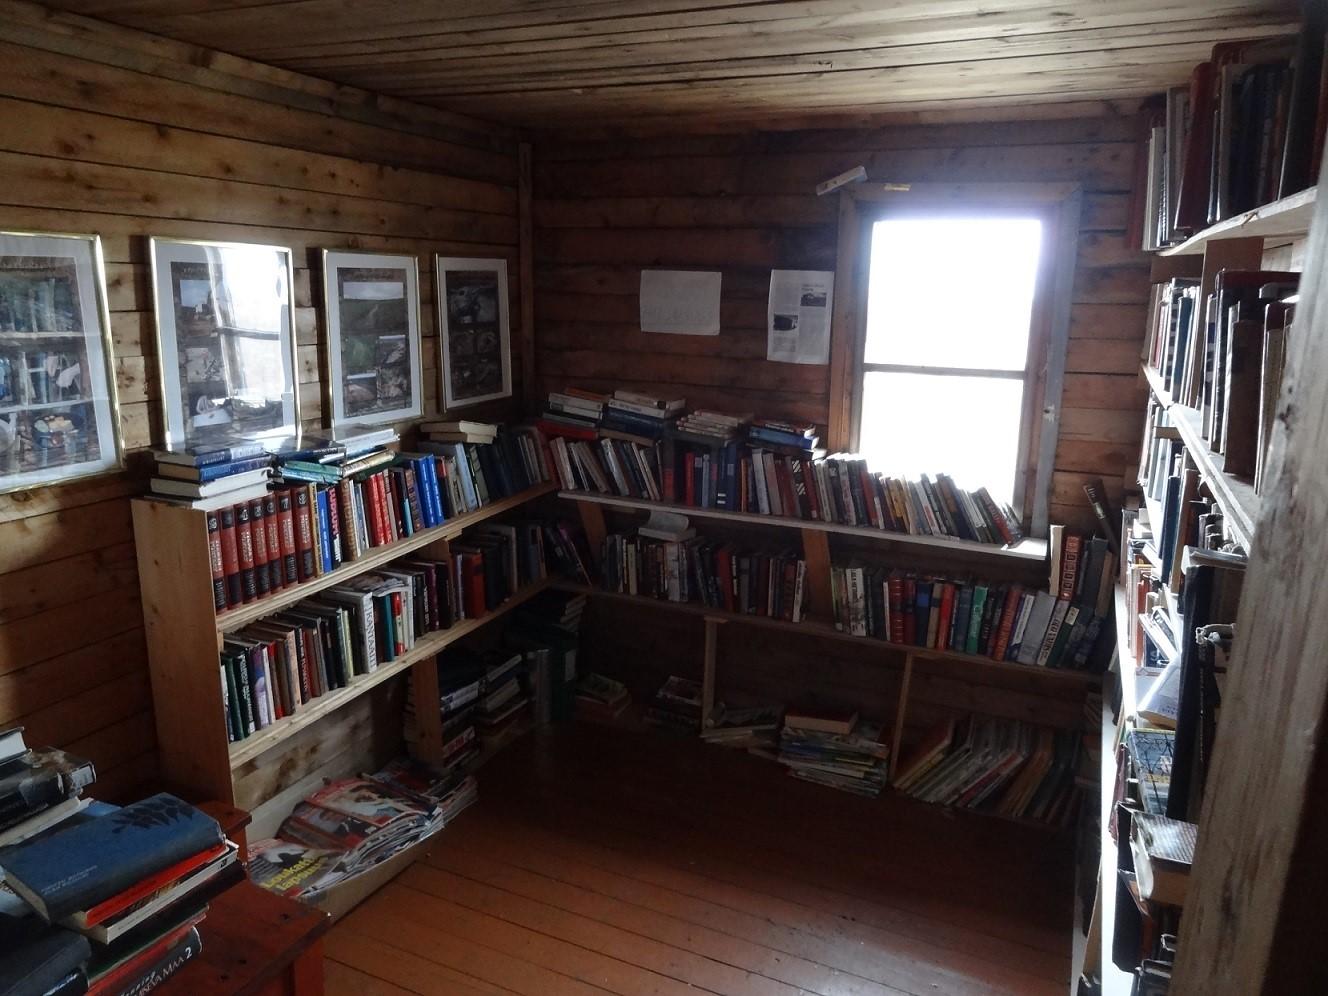 Kuva 4. Kirjastossa tila oli omistettu kokoelmalle.